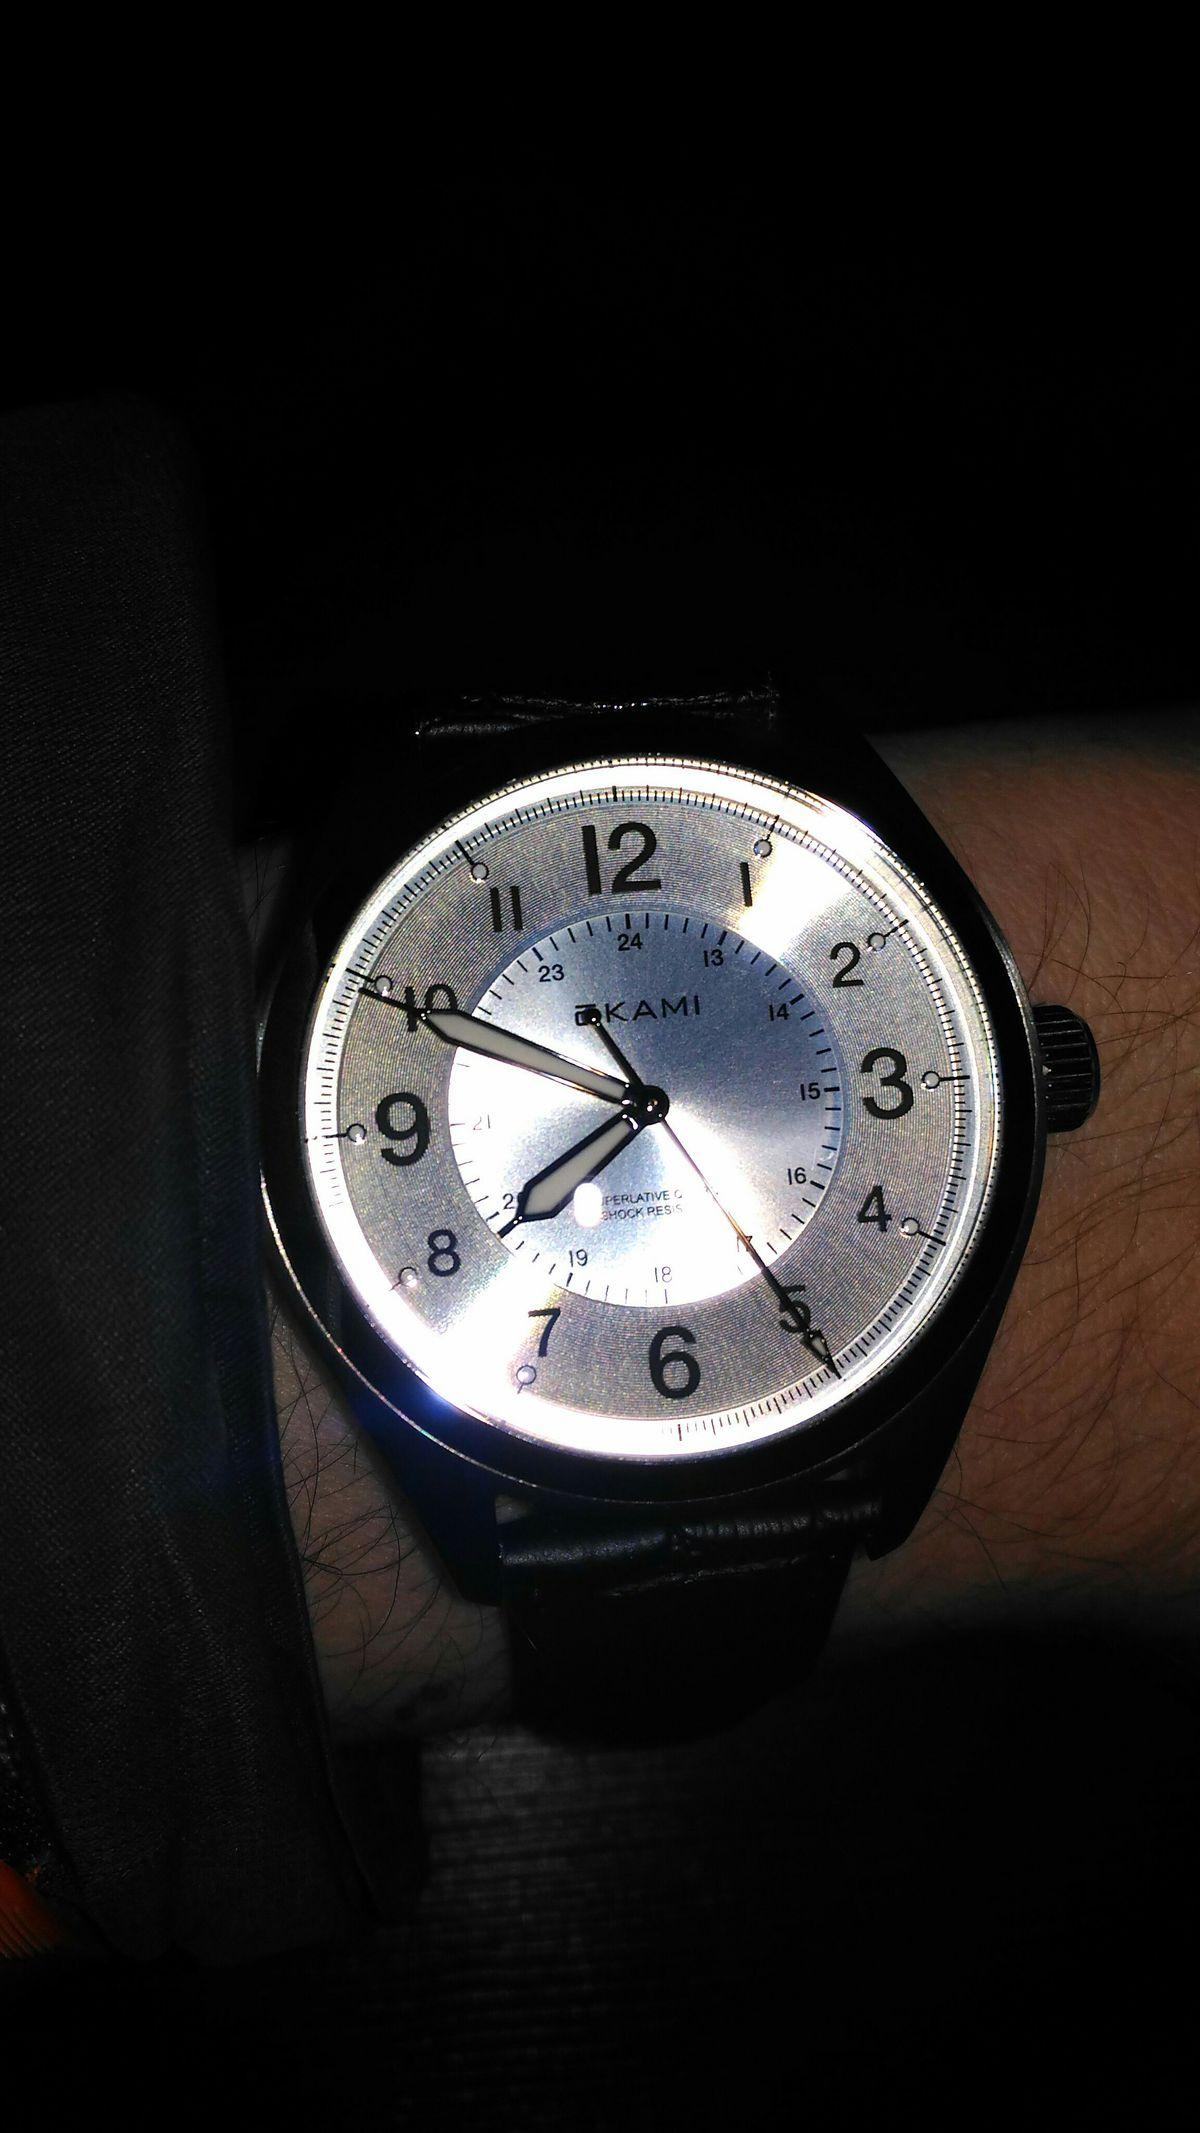 Купил часы, доволен ими